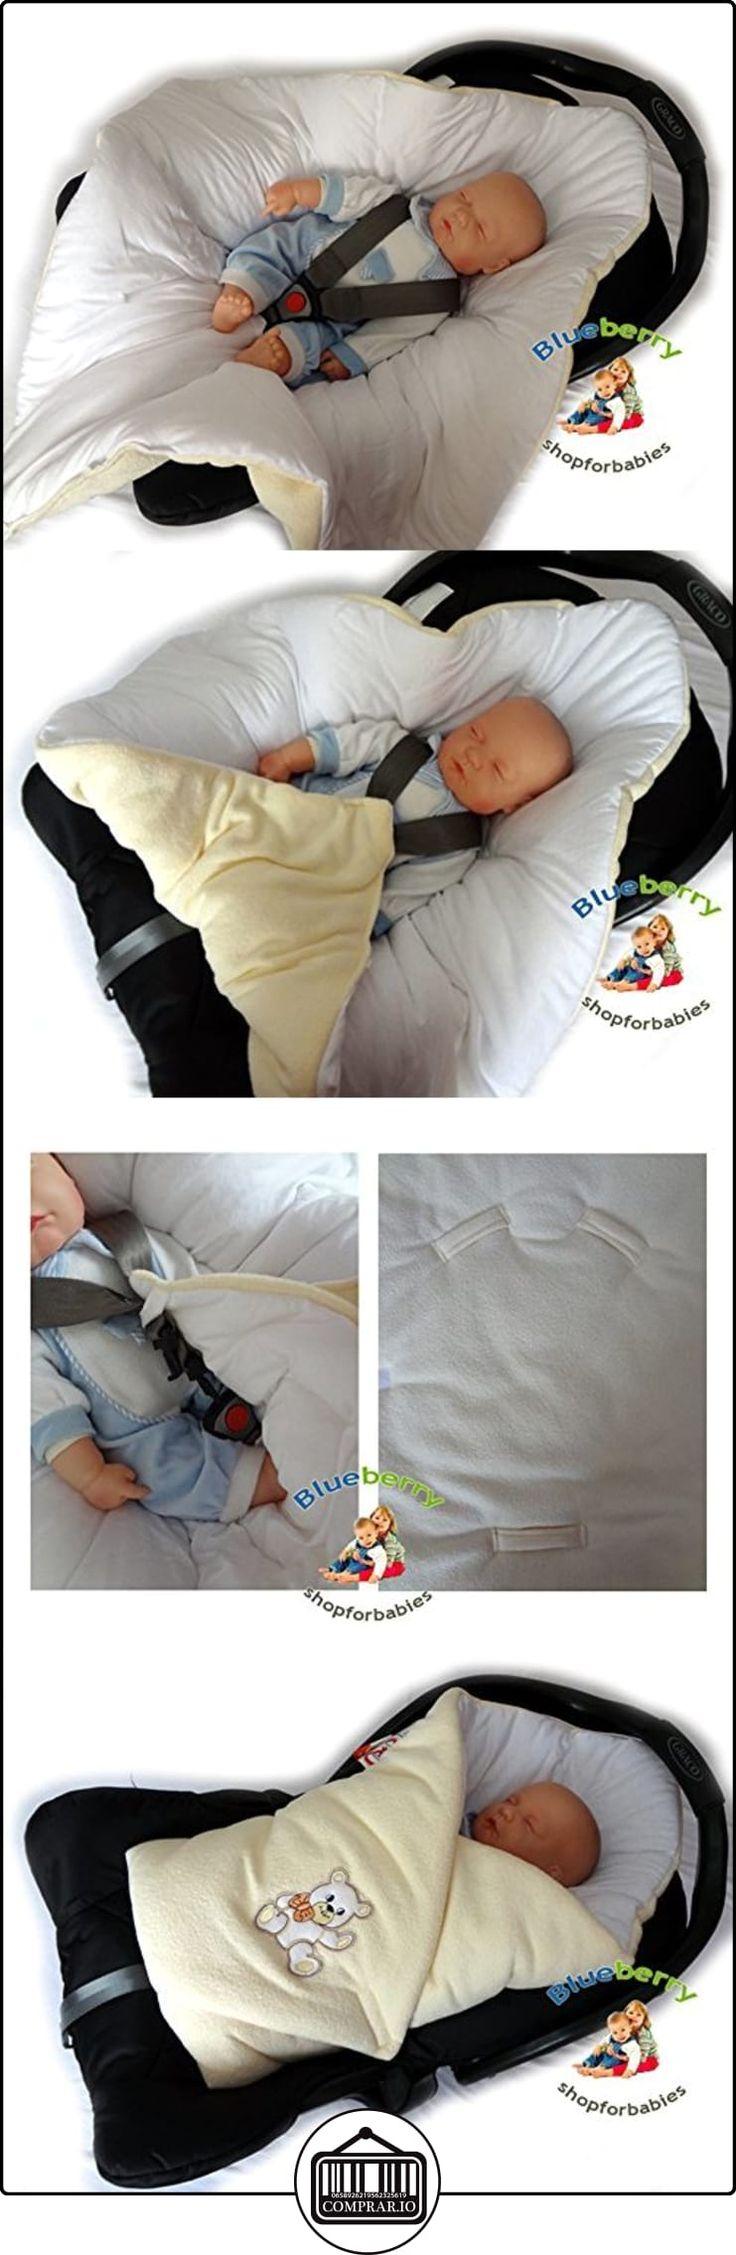 BlueberryShop Thermo Algodón Con Bucles Sábana Asiento Coche Manta Edredón Saco de Dormir Regalo Algodón 0-4m ( 0-3m ) ( 78 x 78 cm ) Blanco  ✿ Regalos para recién nacidos - Bebes ✿ ▬► Ver oferta: http://comprar.io/goto/B00EX5D0RS